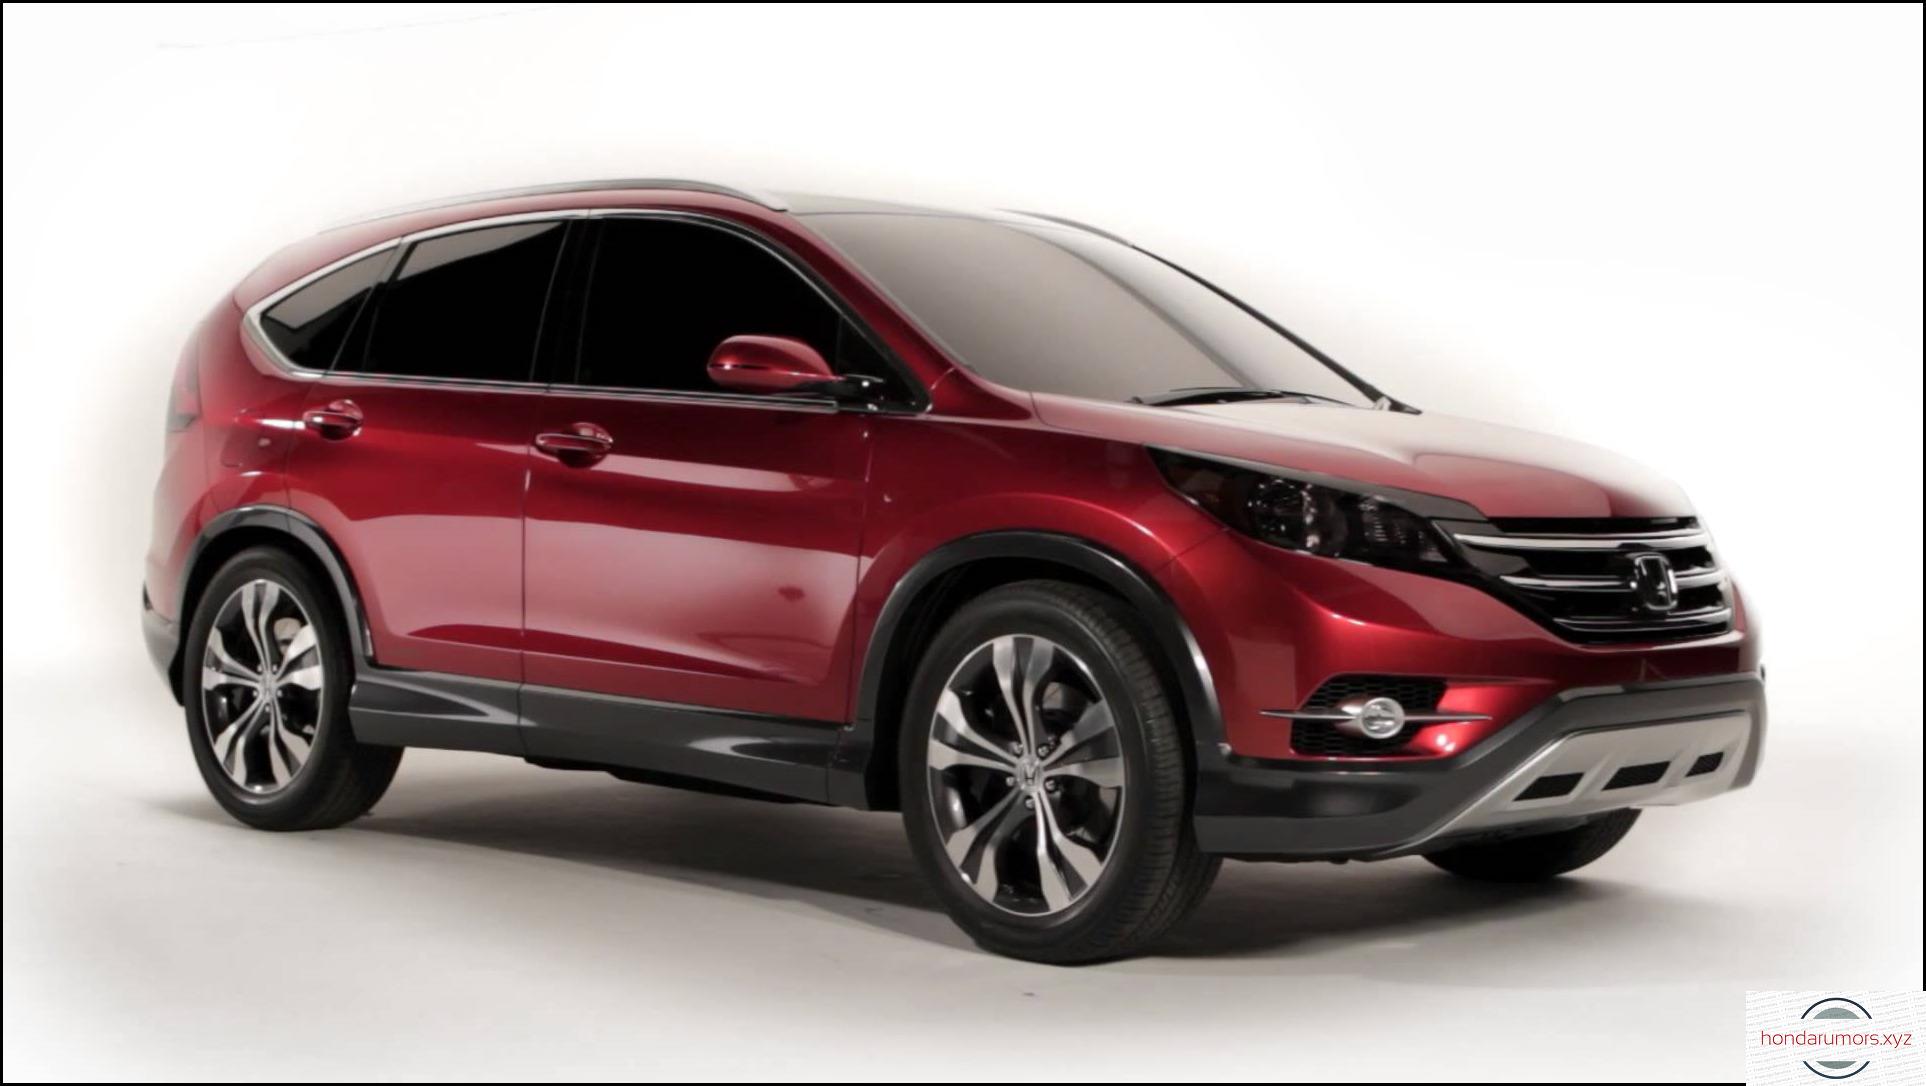 2020 Honda CRV Price